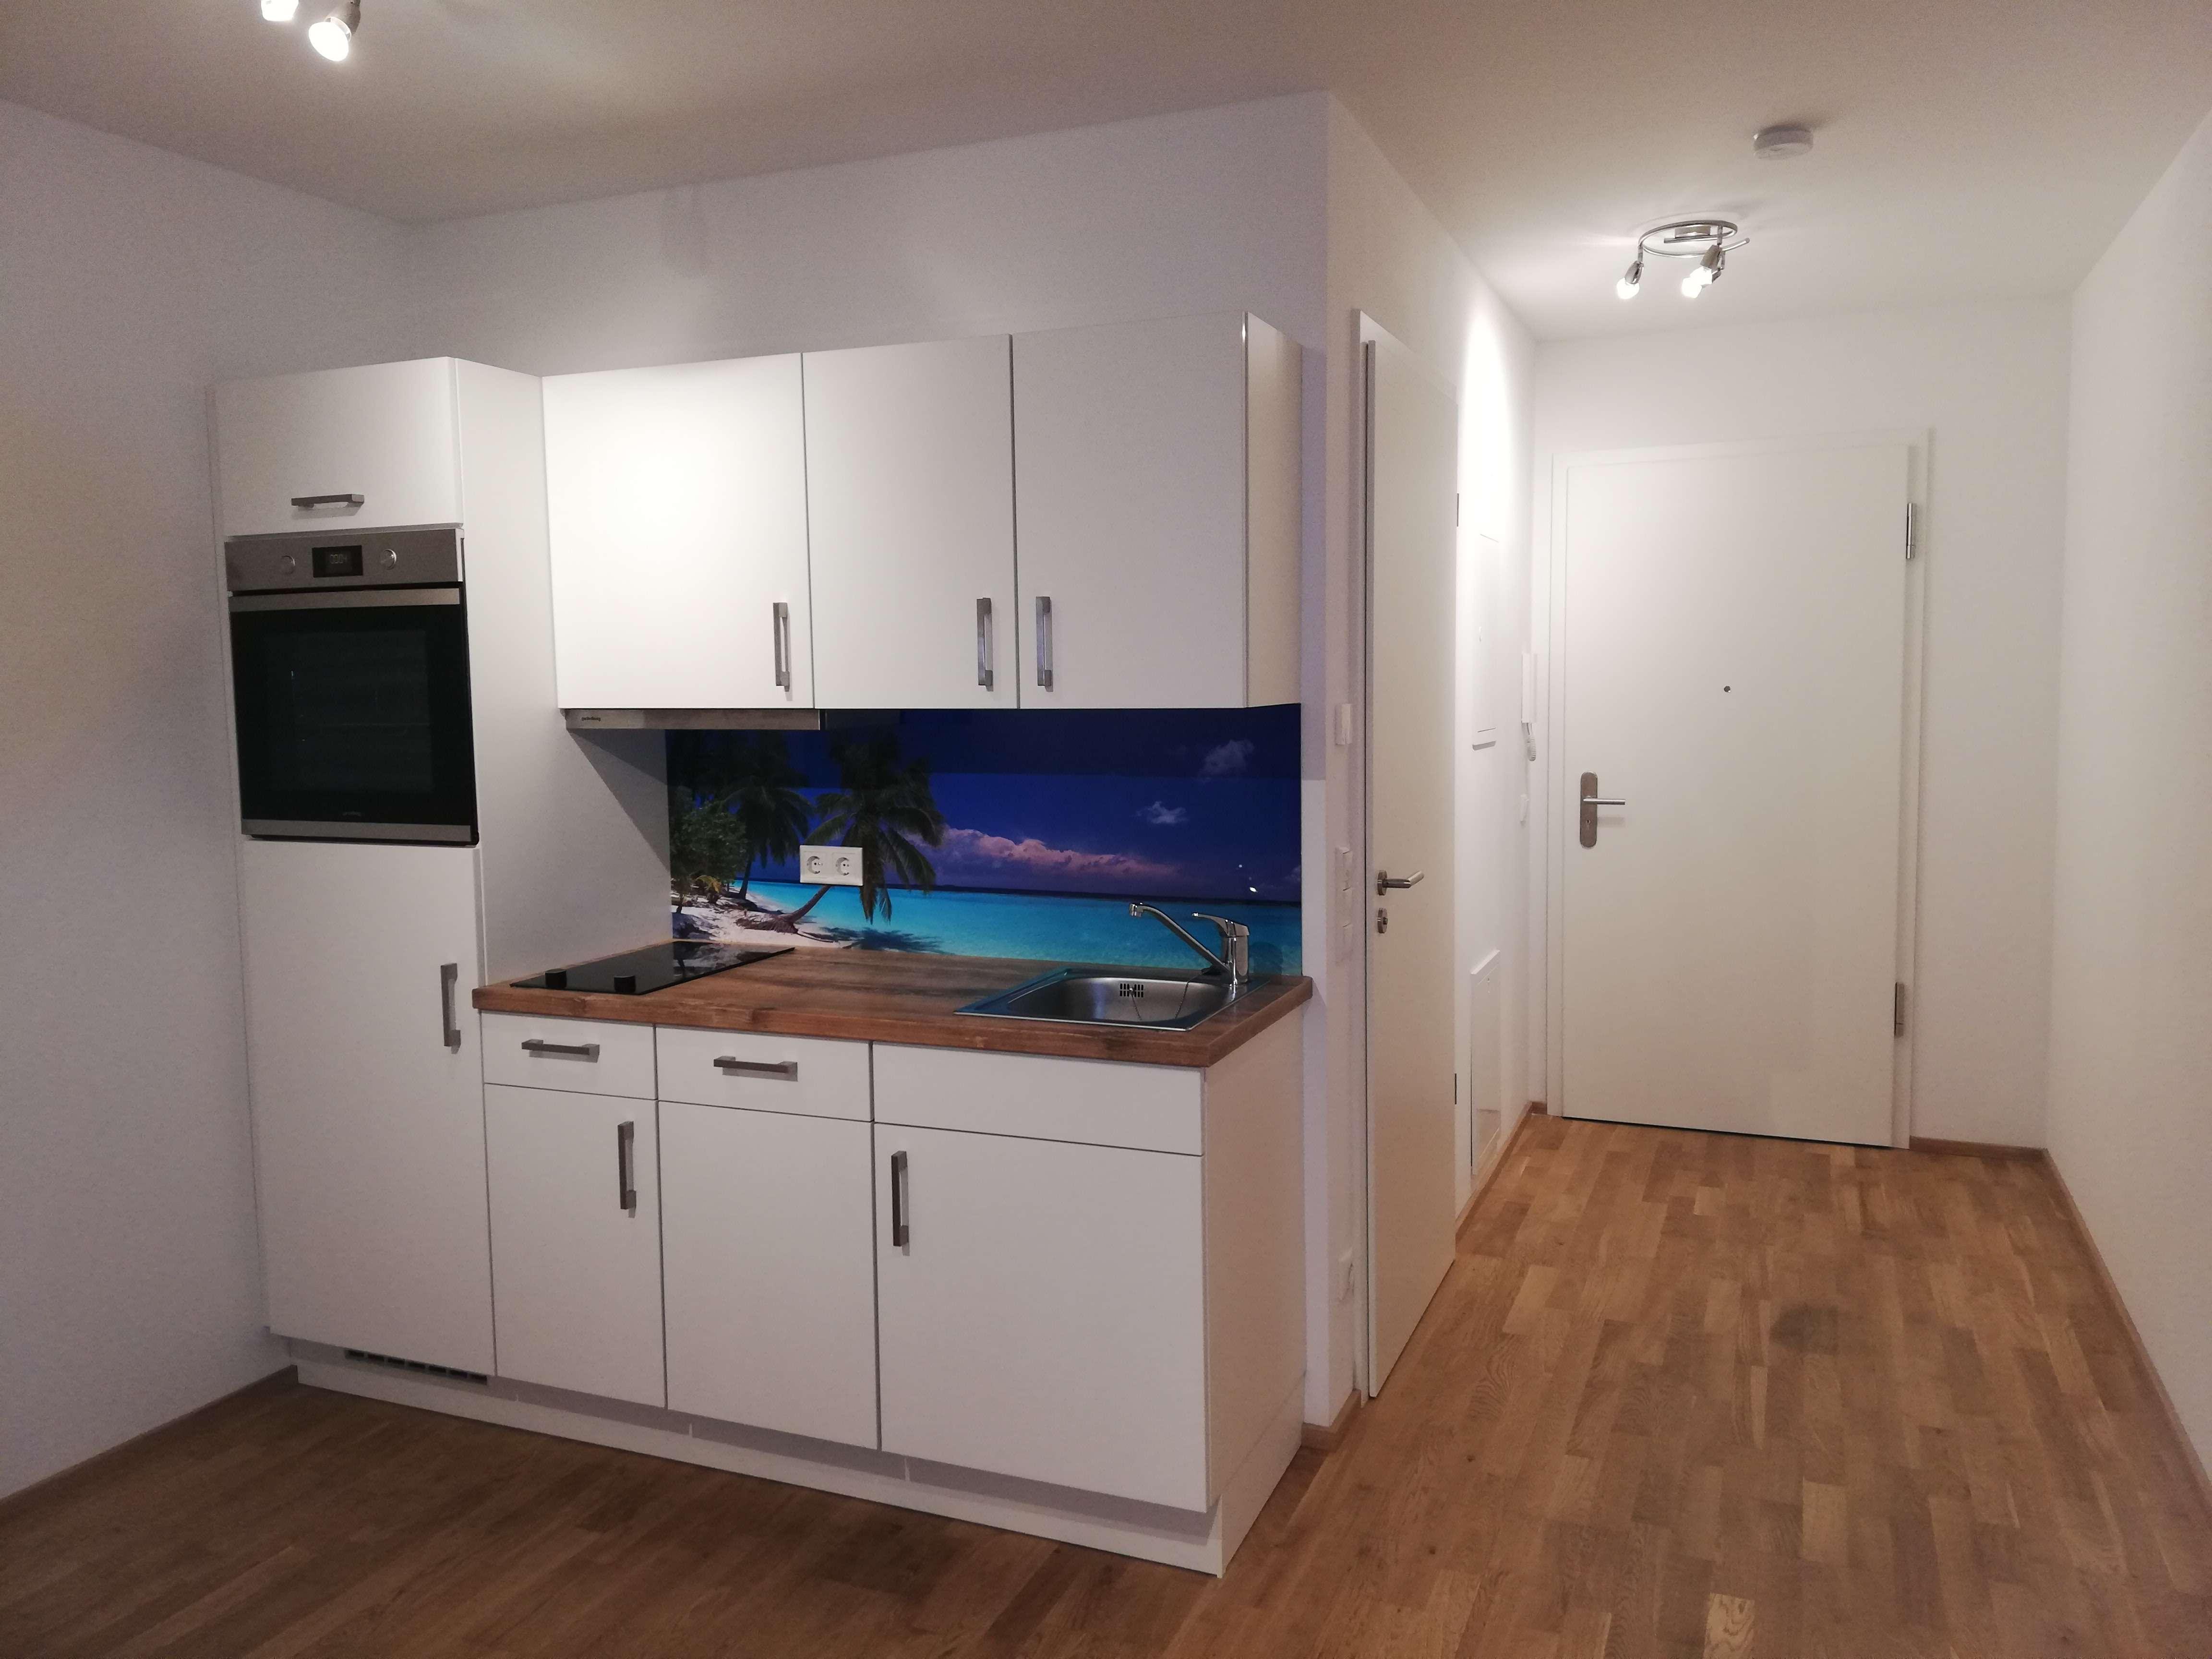 möblierte hübsche Wohnung in Pasing (München)